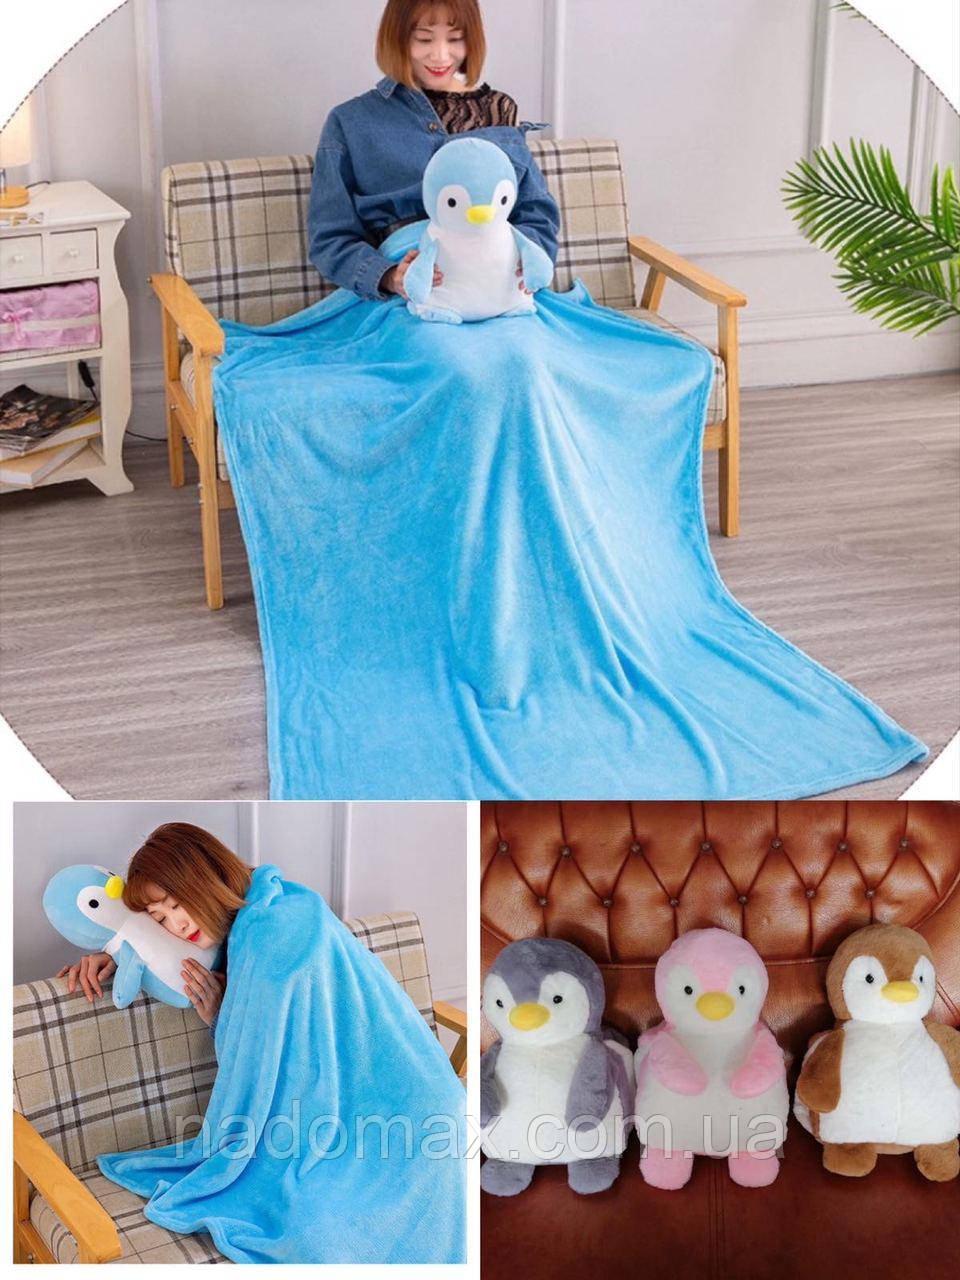 Игрушка подушка плед Пингвин коричневый,розовый ,голубой ,плед в игрушке